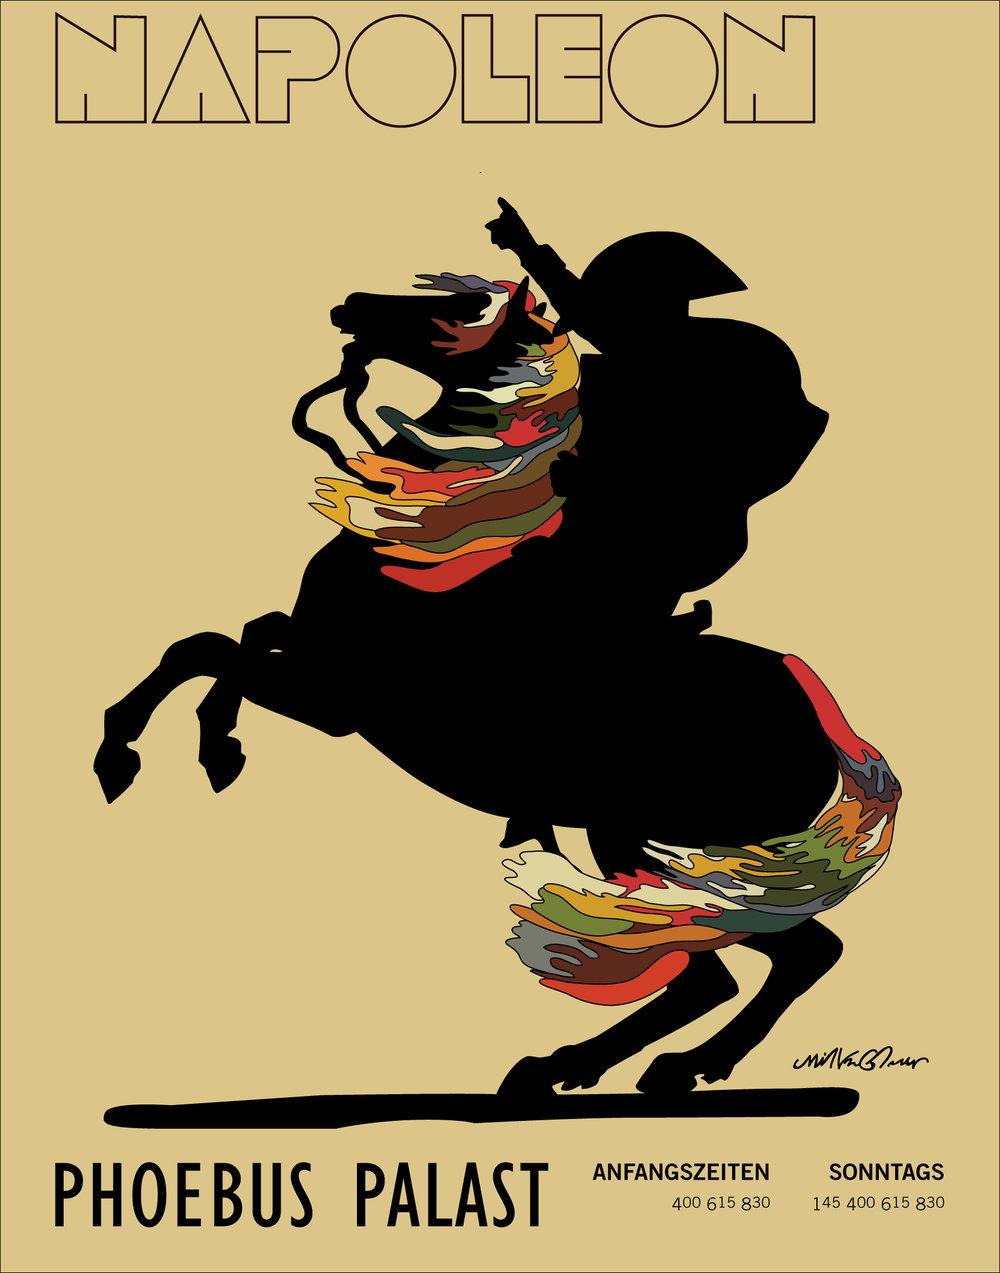 Napoleon Poster art from Tha God, Glaser